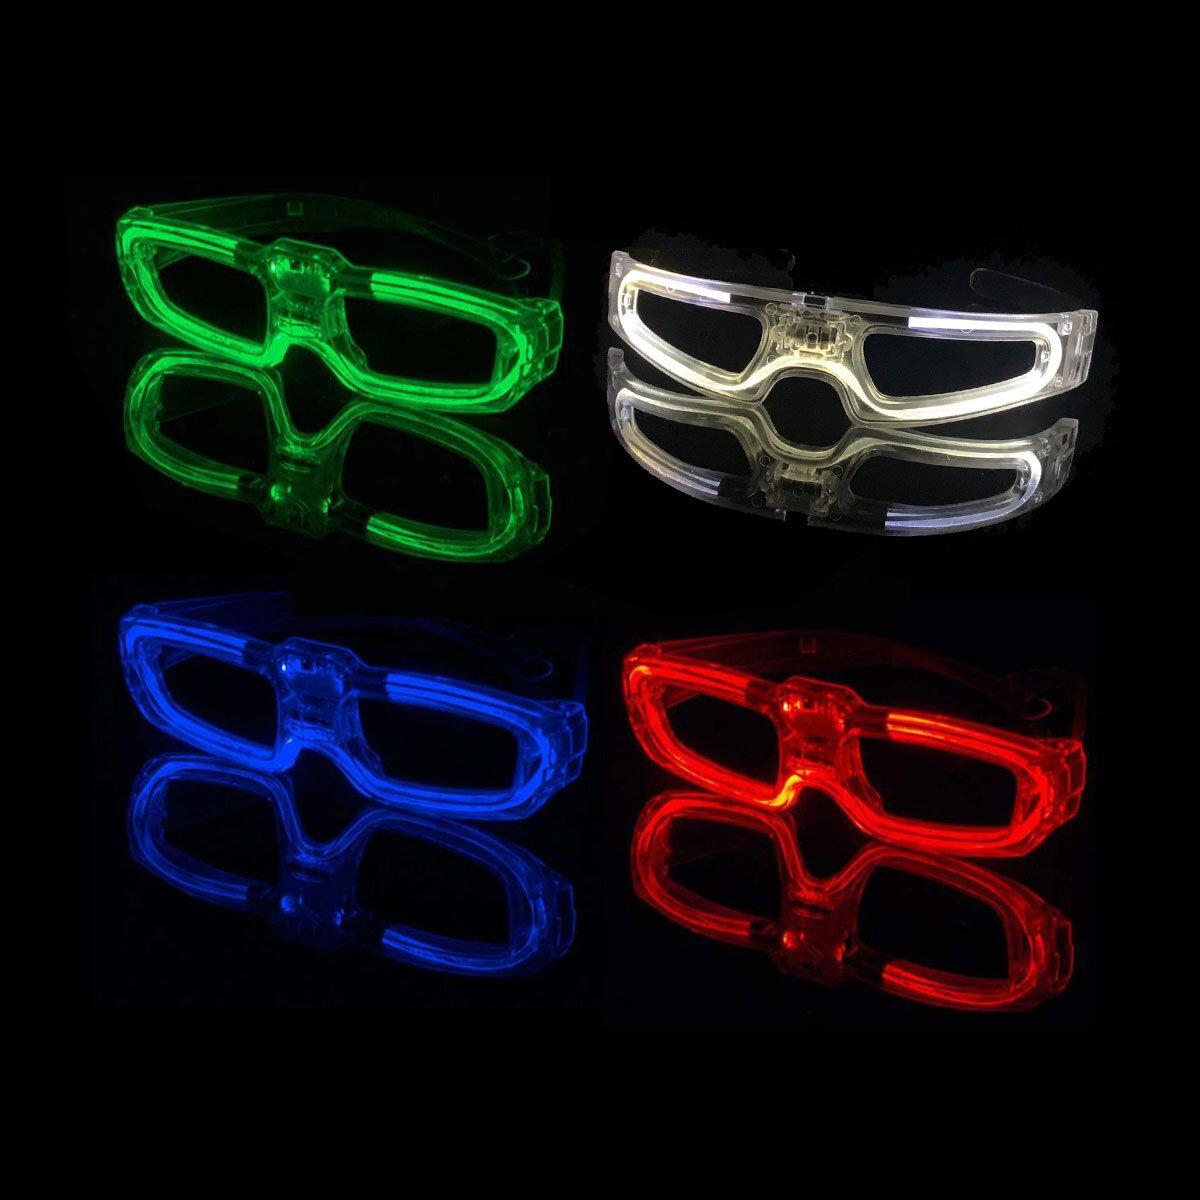 BLINXS LED Laser Spaßbrille in verschiedenen Farben kaufen